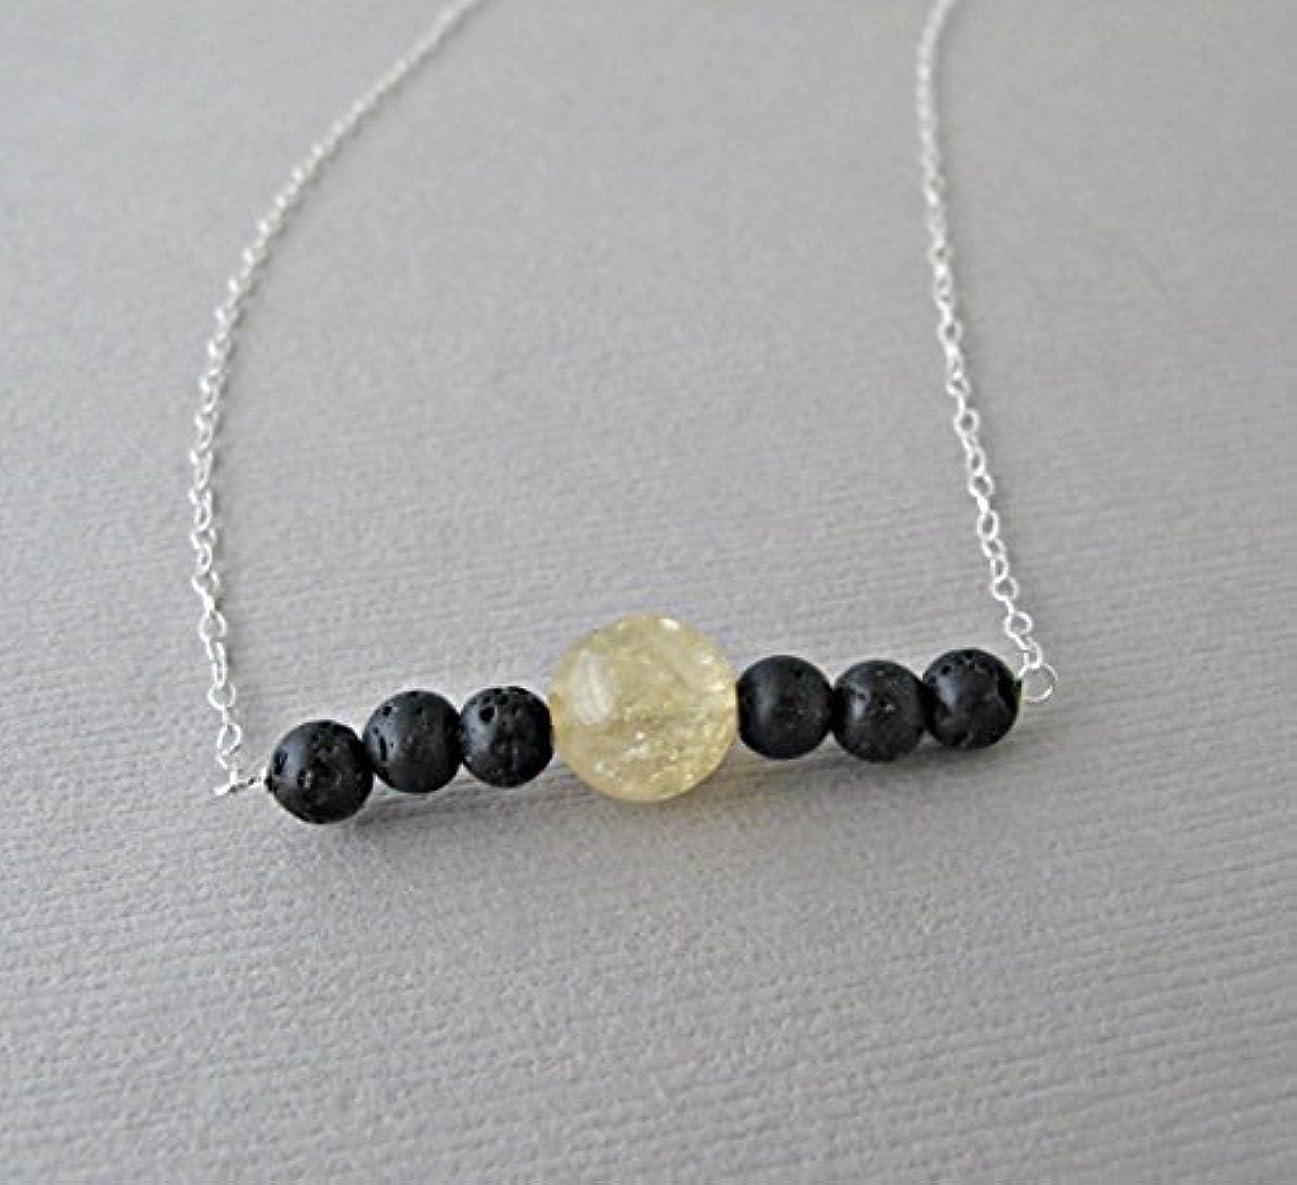 鋼間違い運動Citrine Lava Pendant Essential Oil Necklace Diffuser Aromatherapy - Simple Minimalist Lava Bead Diffuser Necklace...